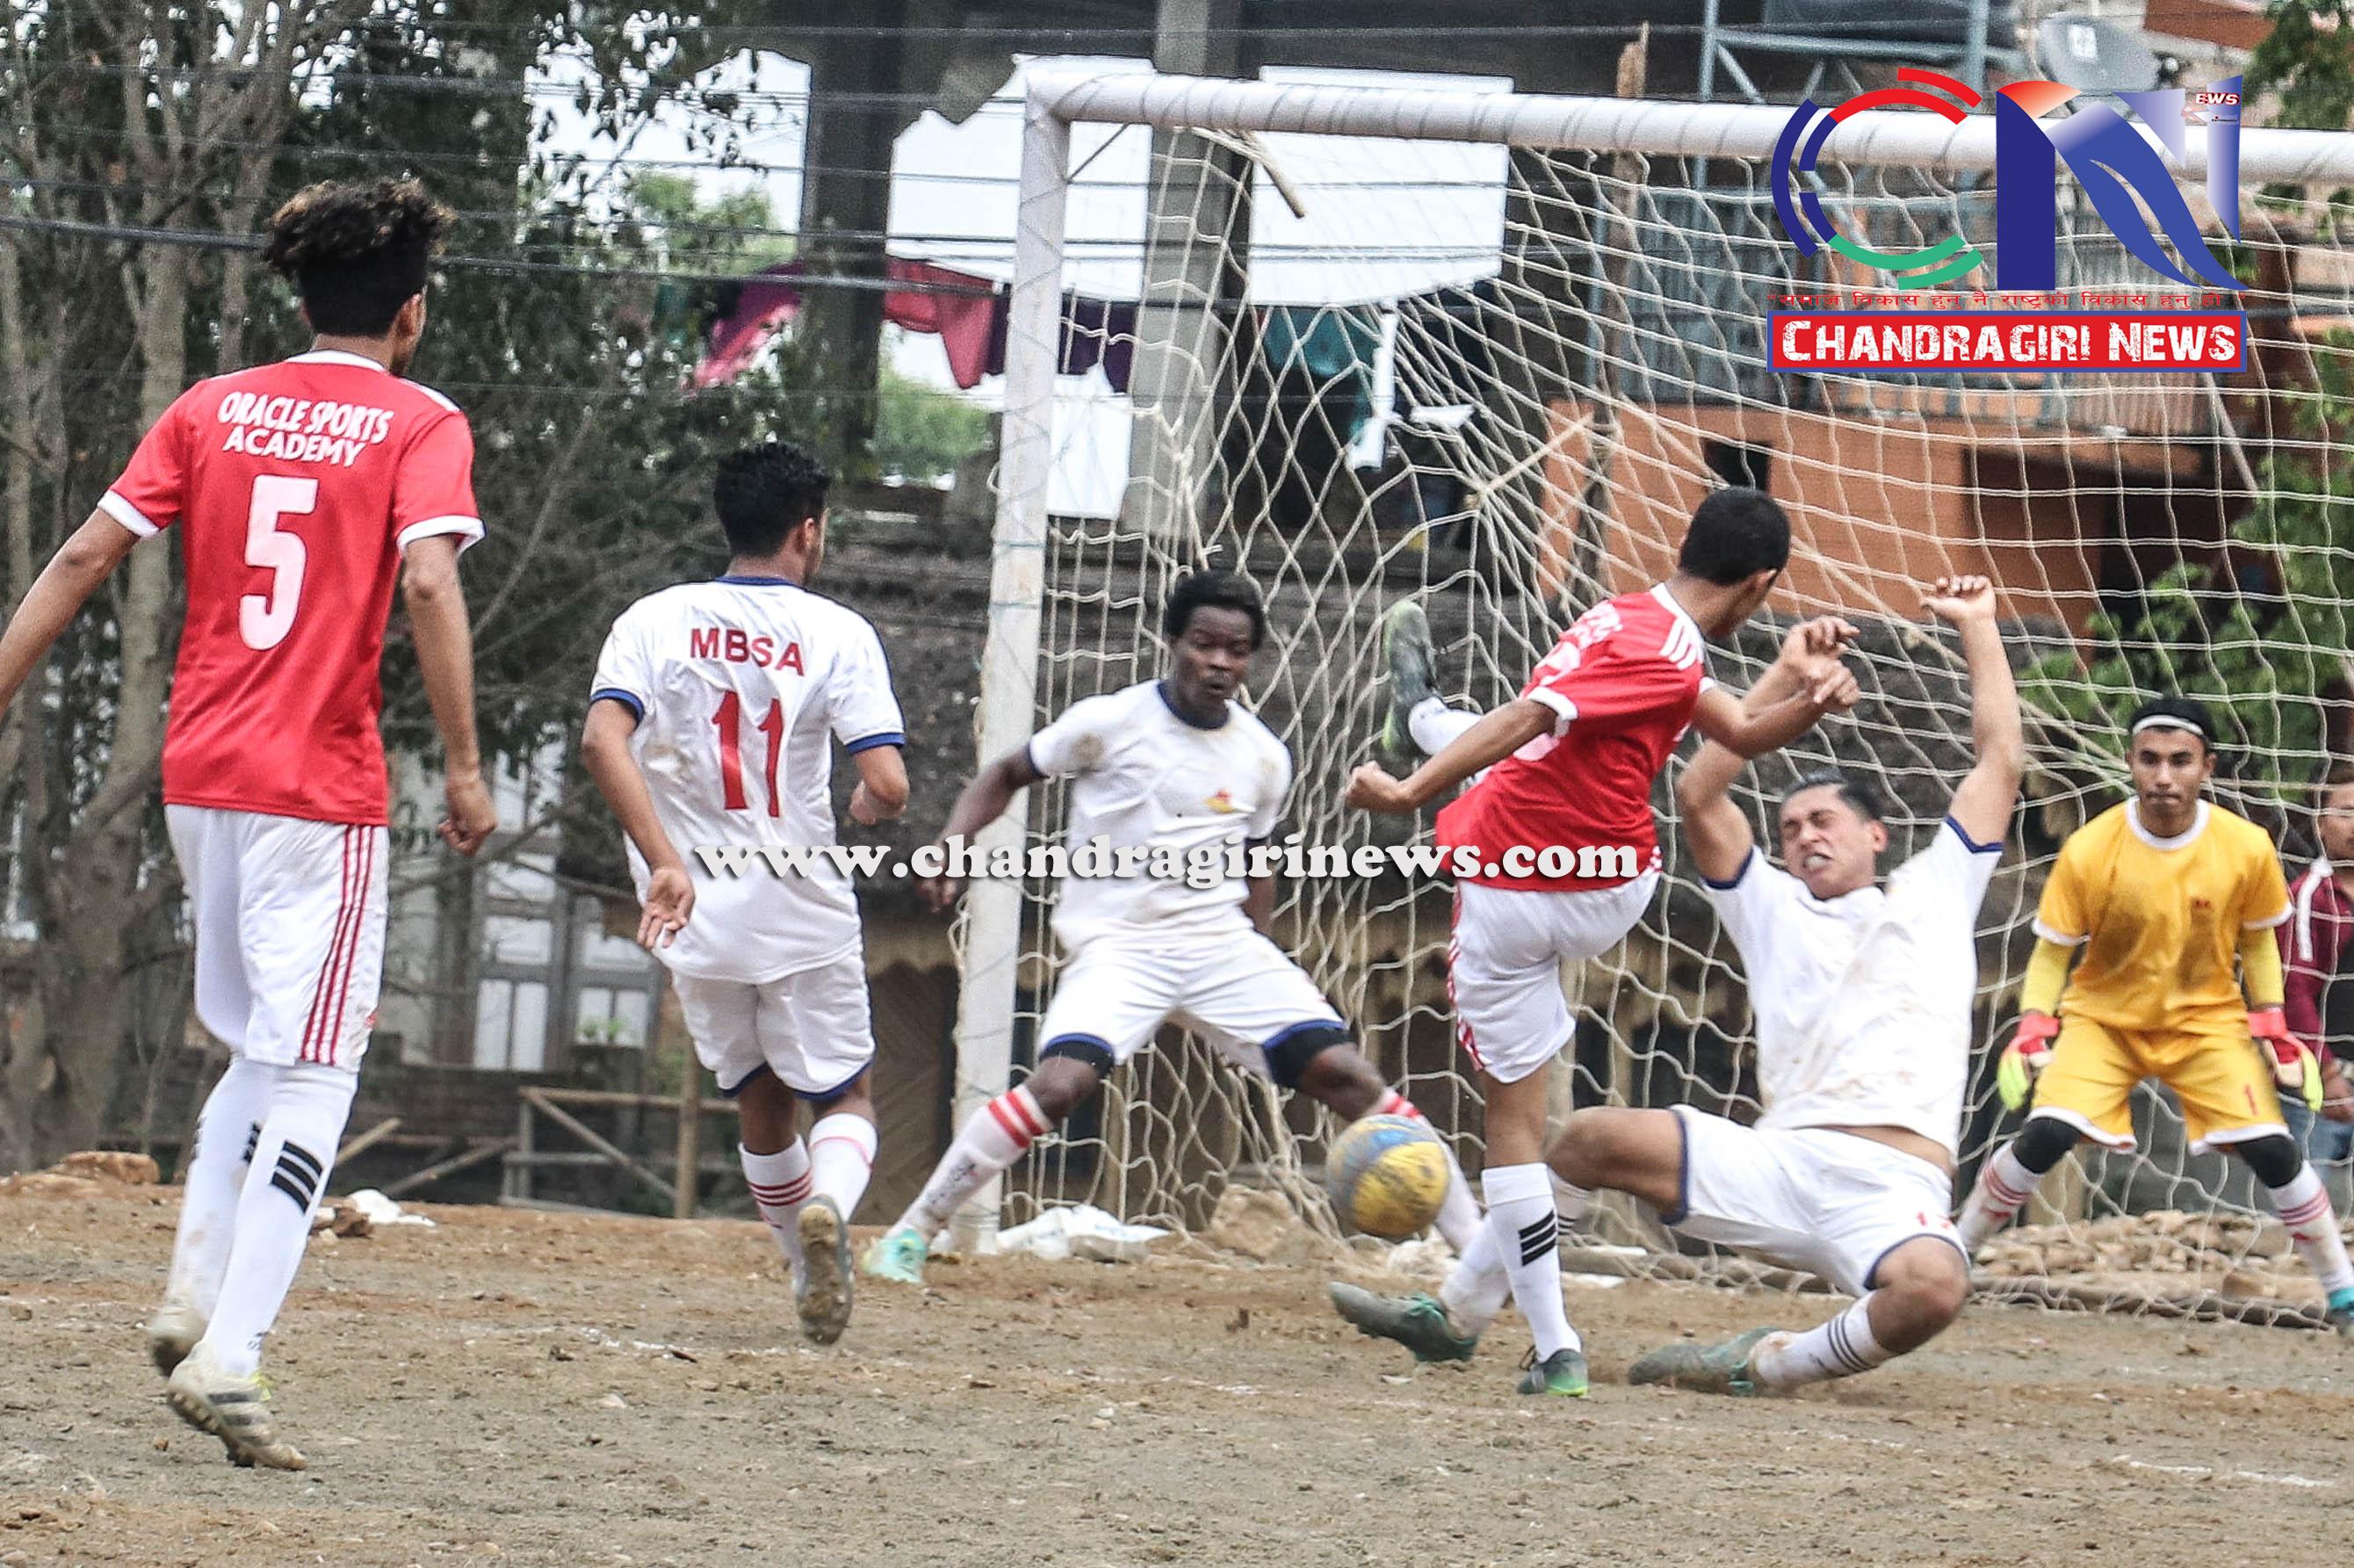 Chandragirinews western-united-3rd-game-100 चाैठाै नेपाललय वईस्टन युनाईटेड क्लवकप फुटबल प्रतियाेगितामा ब्लु बेल फुटबल क्लब र वराकल रे स्पोर्ट्स एकेडेमीको विजयी सुरुवात खेलकुद नगरपालिका ब्रेकिंग न्युज मातातिर्थ मुख्य राष्ट्रिय    chandragiri